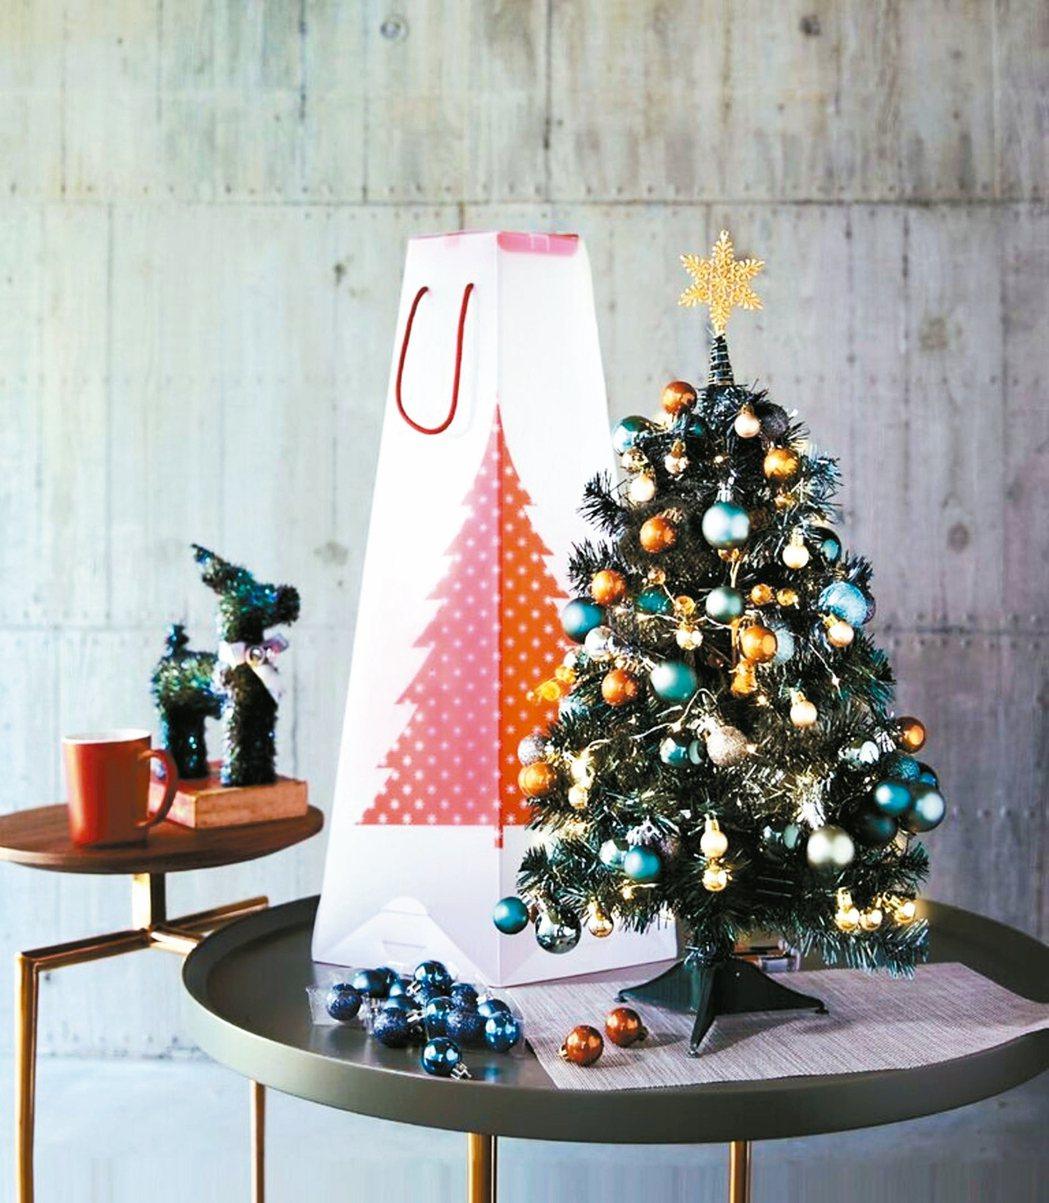 耶誕樹加上小禮物,讓節慶氣氛更濃厚。 HOLA/提供